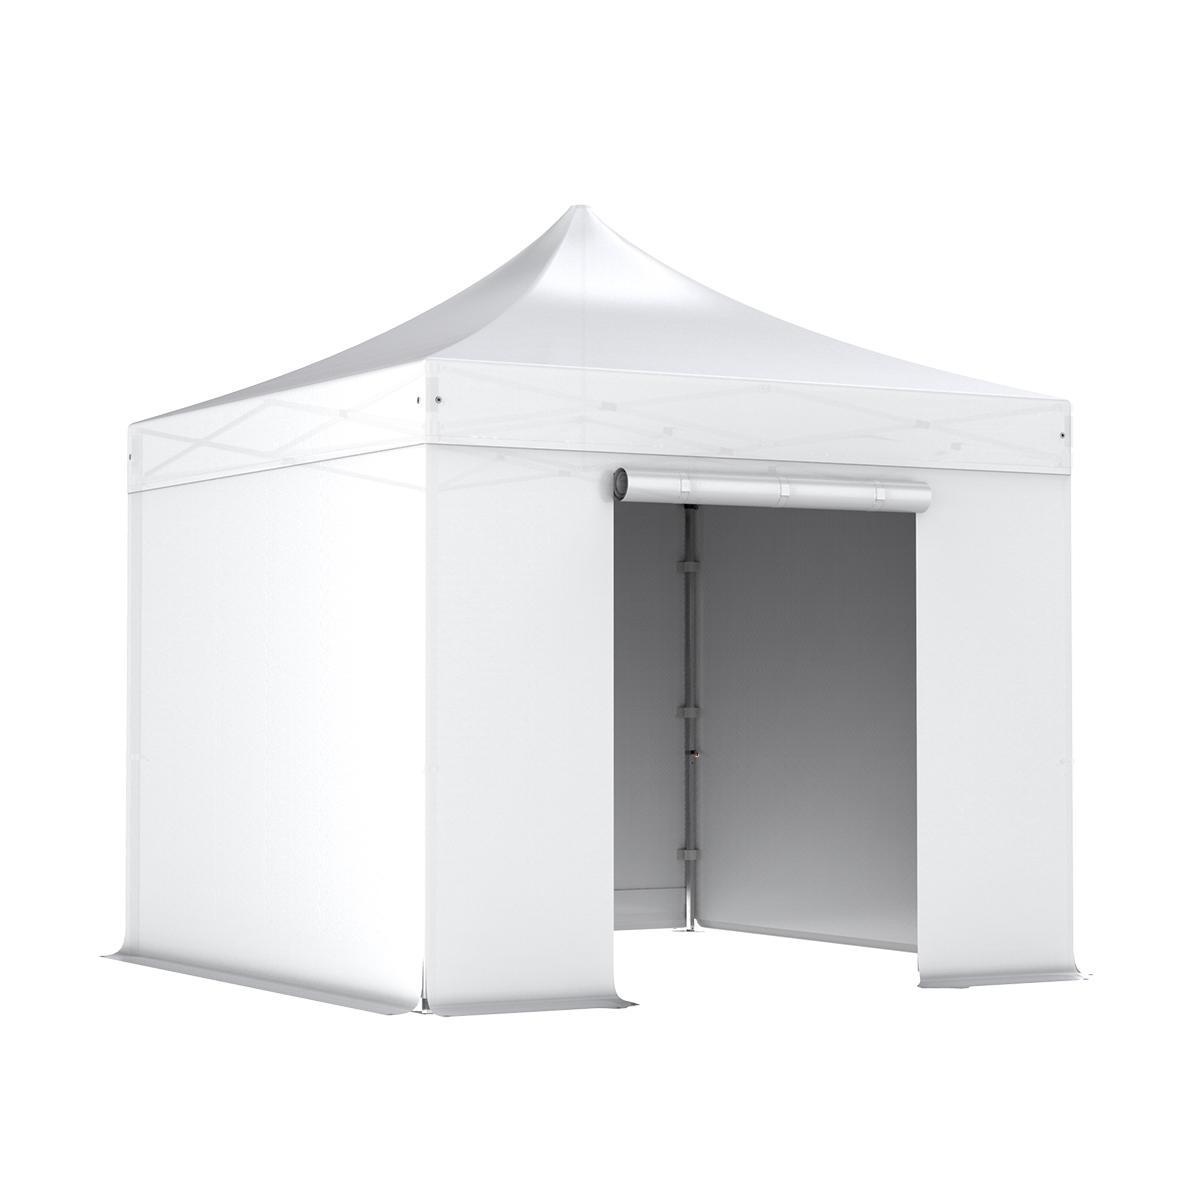 alu 40 faltpavillon 3x3m mit 4 seitenw nde wasserdichte planen in polyester pvc beschichtet. Black Bedroom Furniture Sets. Home Design Ideas